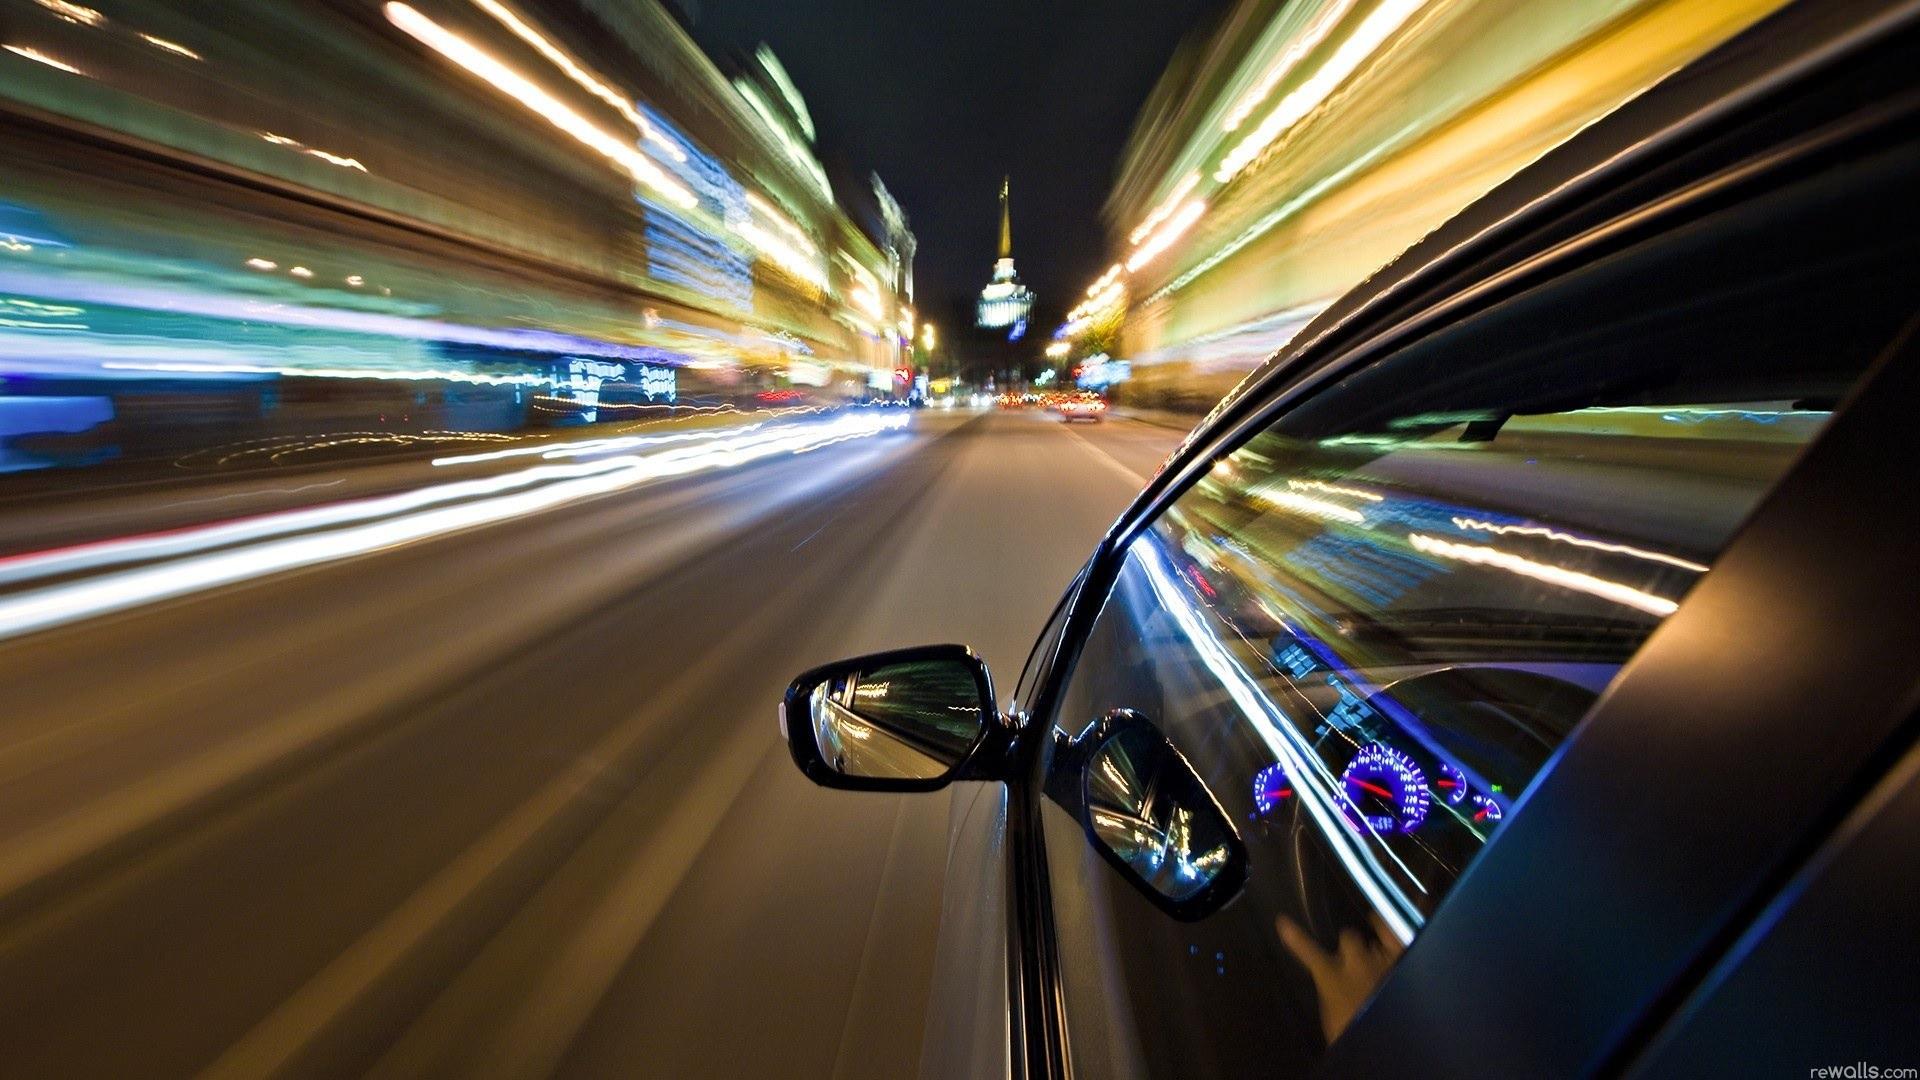 Guida Veloce - Velocità in auto